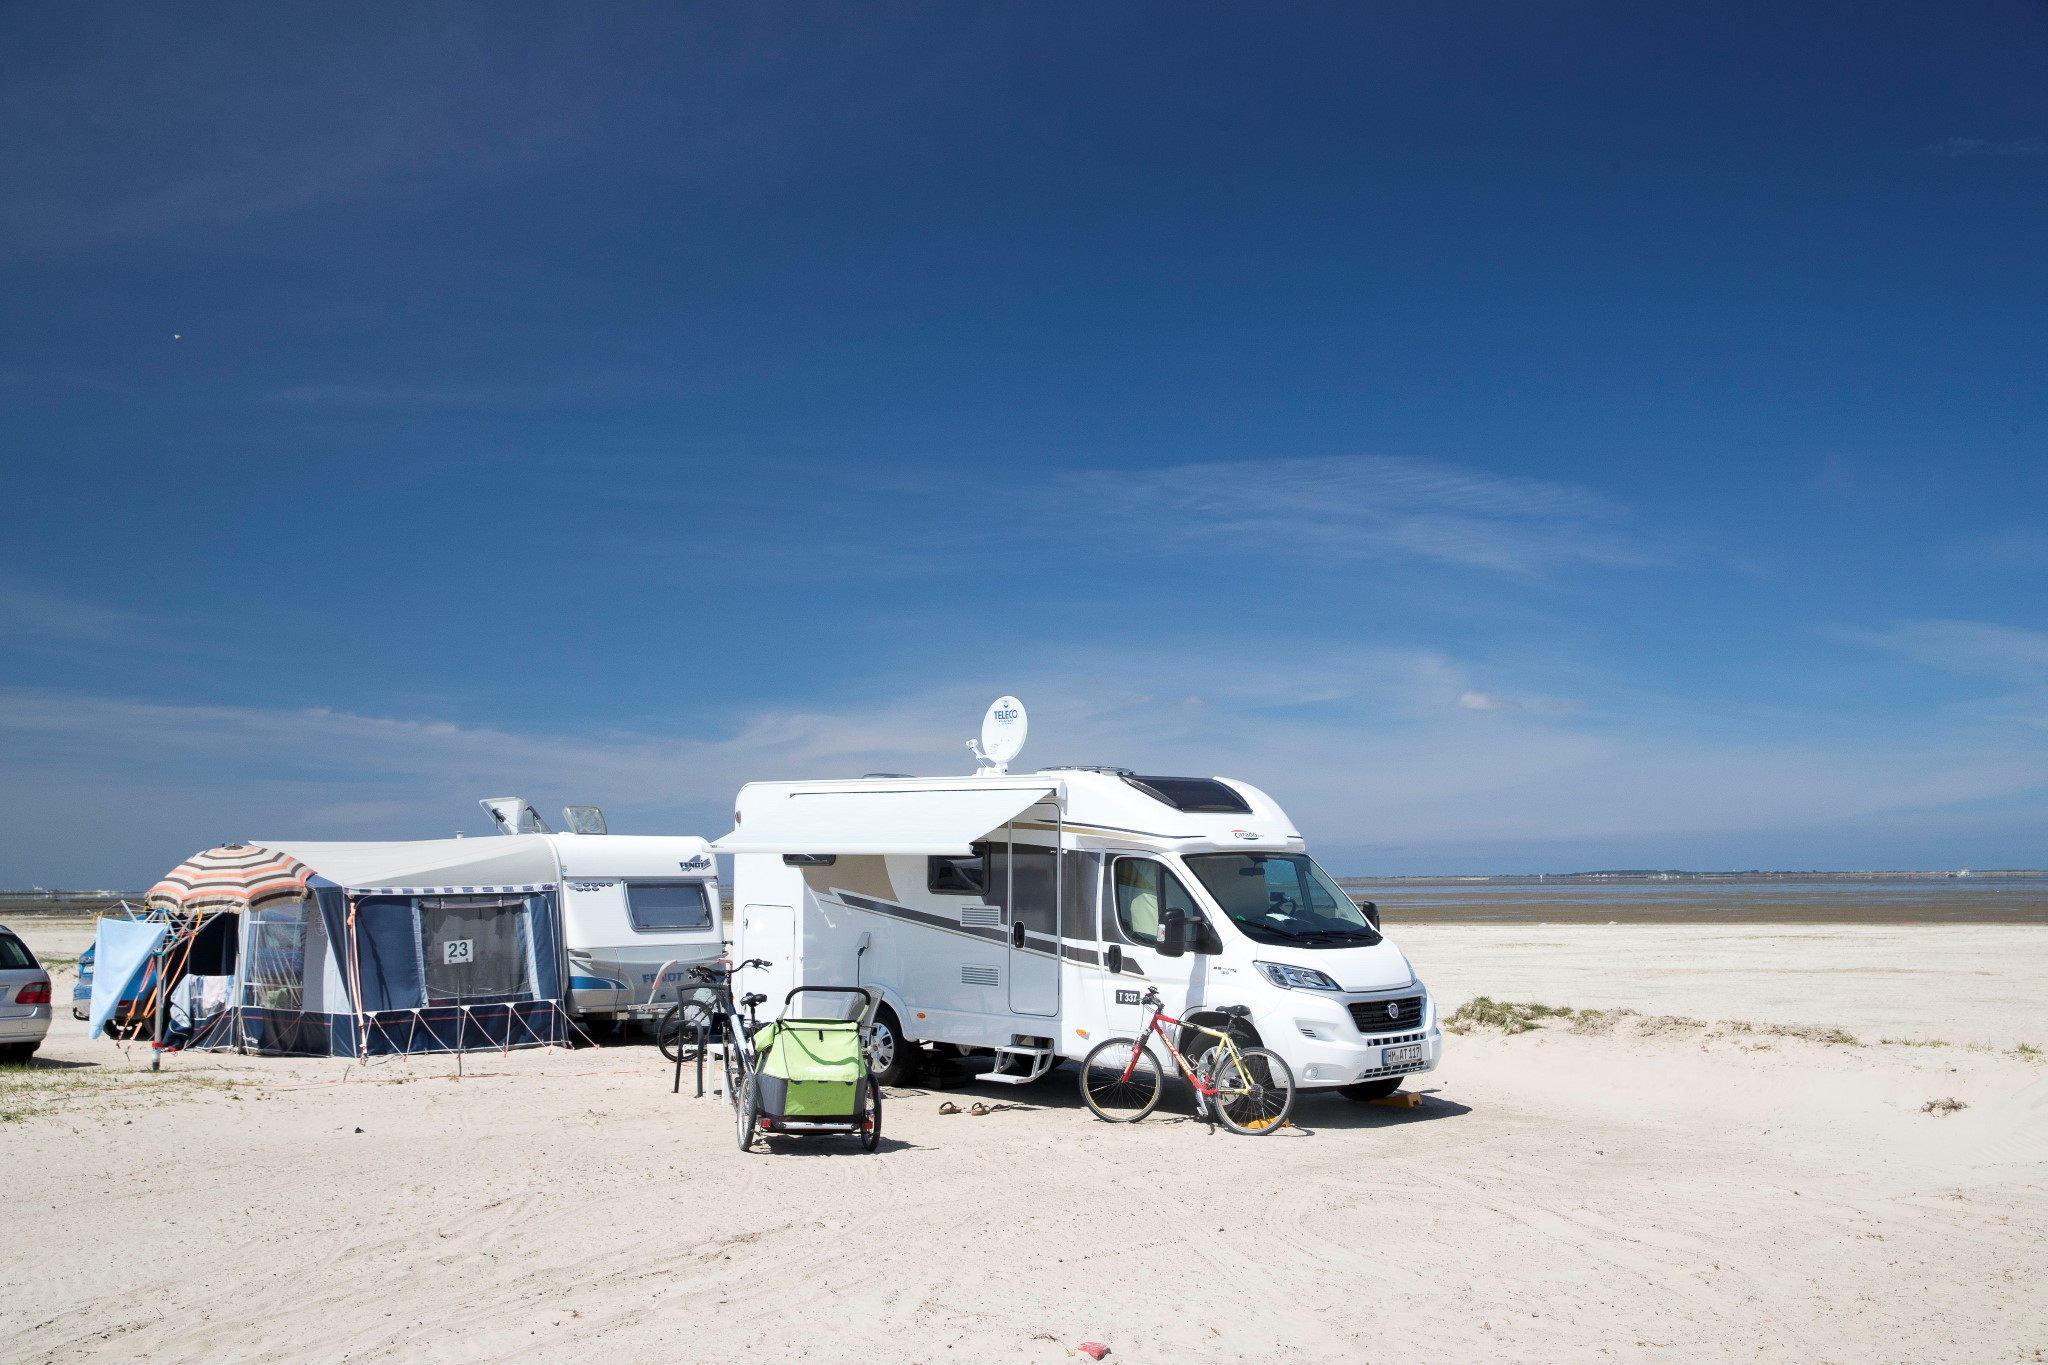 camping an der nordsee strand familiencampingplatz. Black Bedroom Furniture Sets. Home Design Ideas